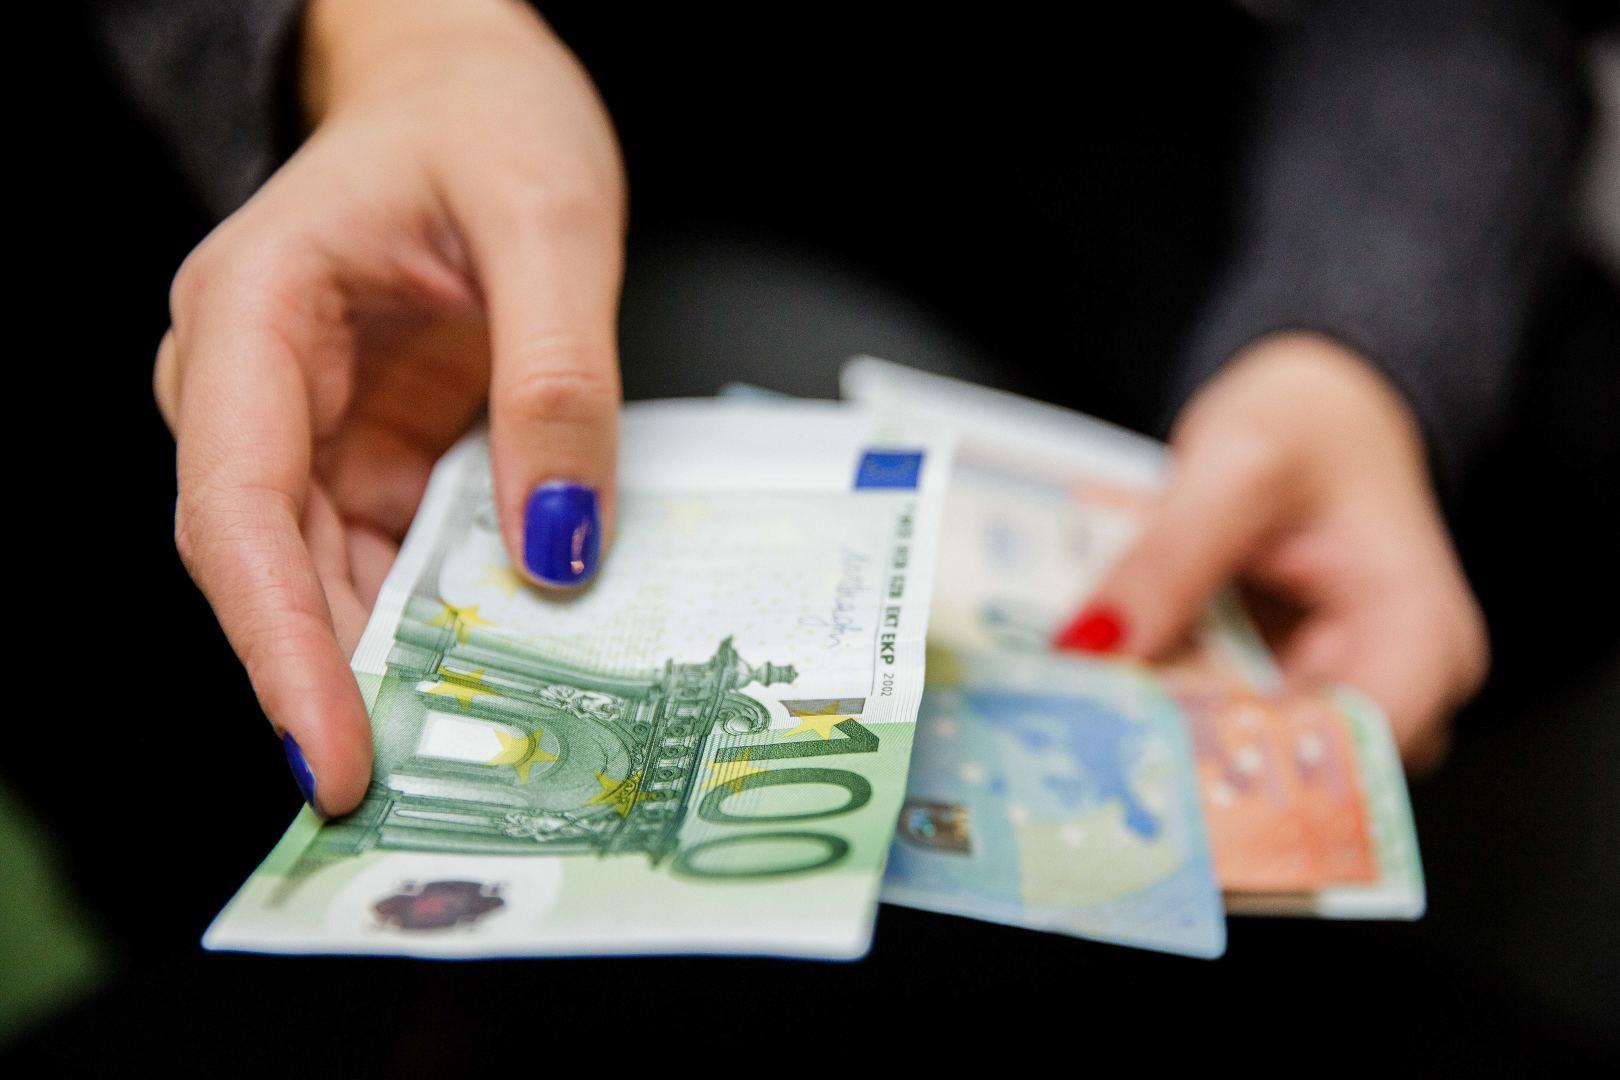 derybos dėl akcijų pasirinkimo algos wfc akcijų pasirinkimo sandoriai